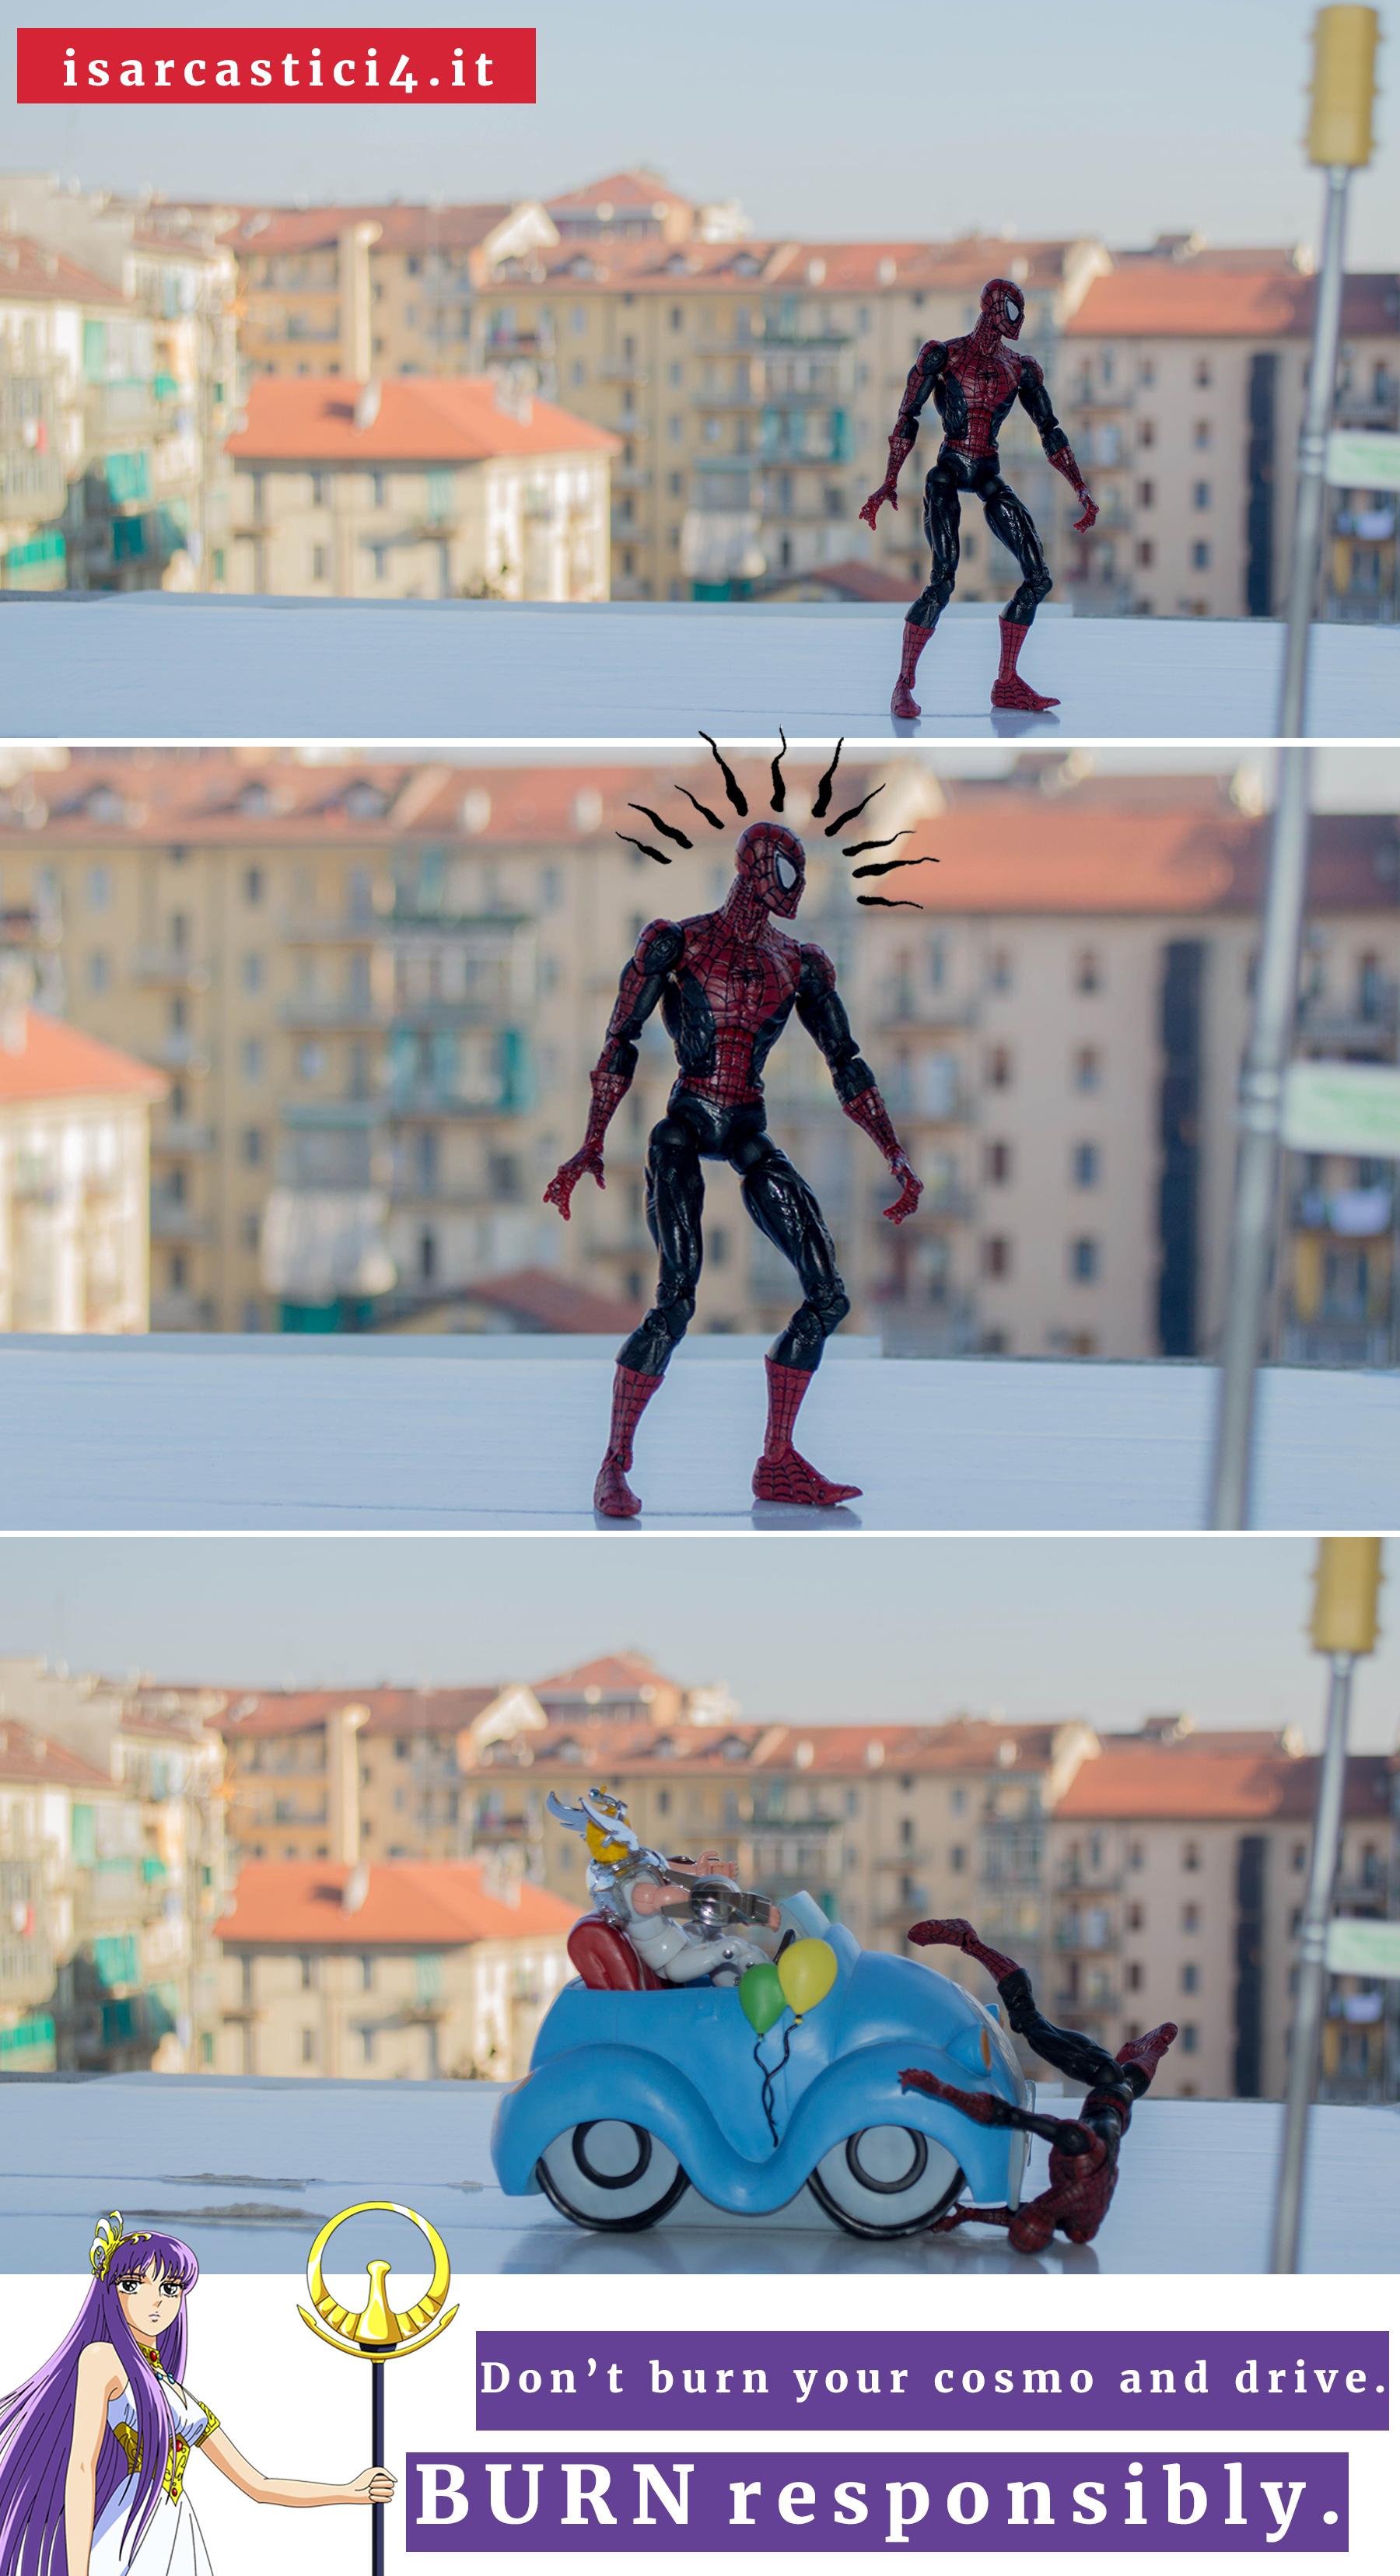 Teatro dell'assurdo 01 - Cavalieri dello Zodiaco & Spider-Man - Don't